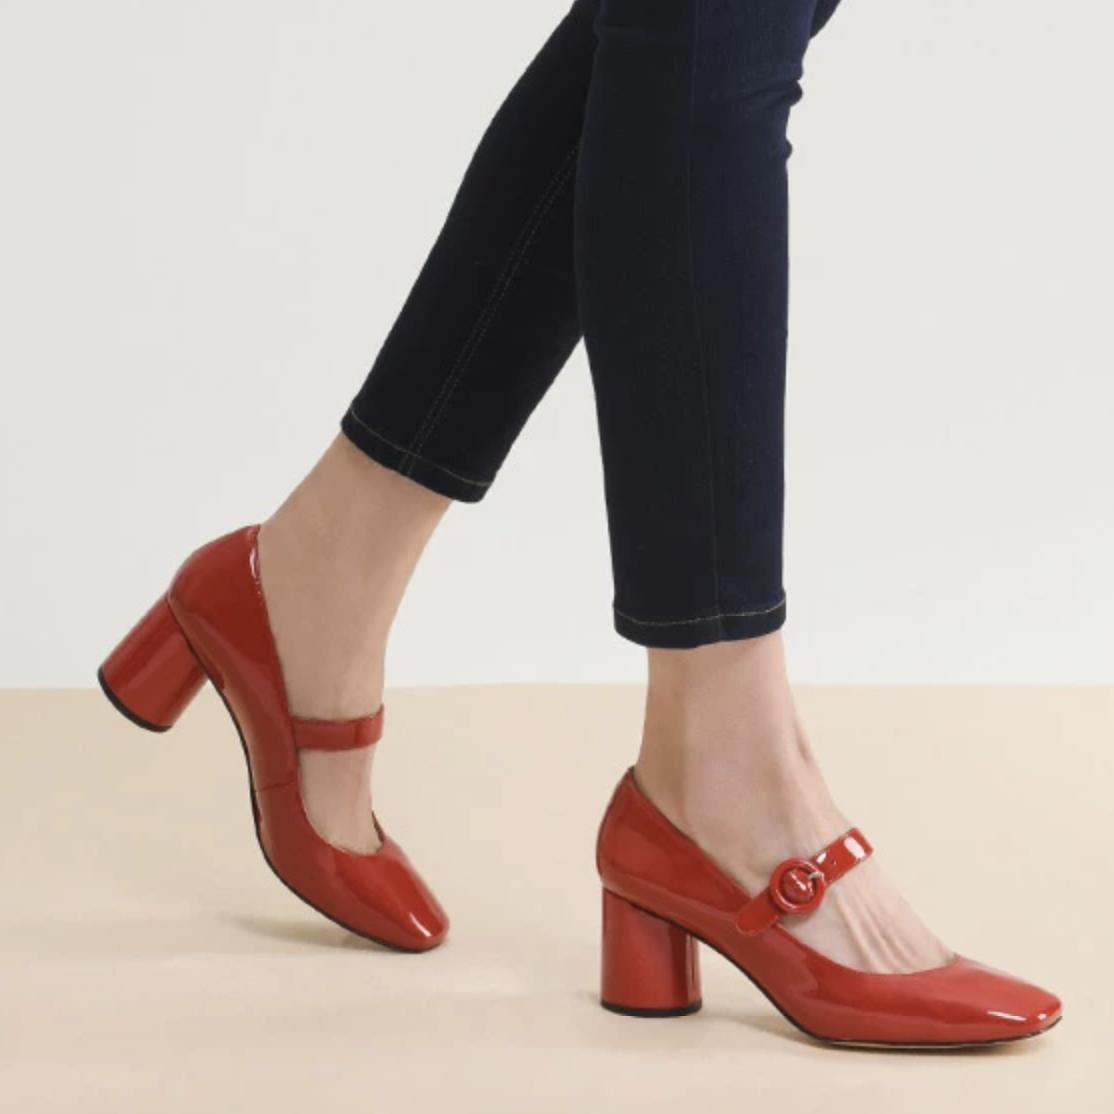 网易严选 女式方头粗跟玛丽珍鞋